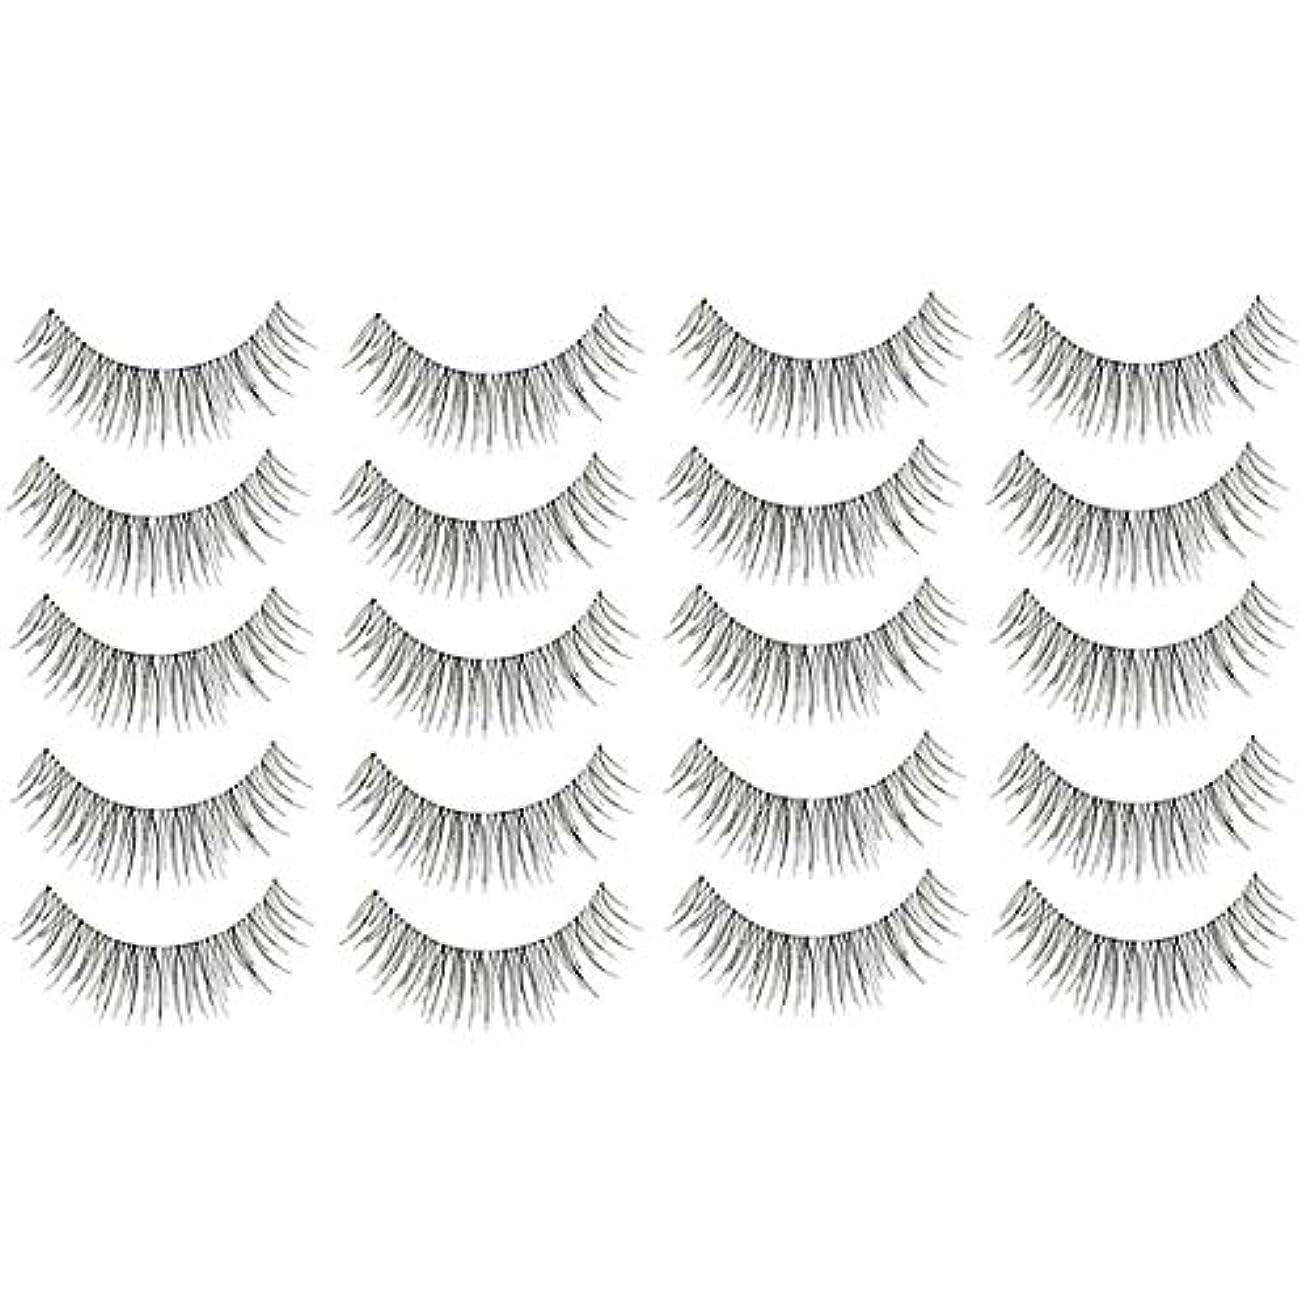 夏署名栄光の美容アクセサリー 10ペア218クリスクロス透明なステムナチュラルメイク授乳魅力的な長いシックな黒い偽のまつげ 写真美容アクセサリー